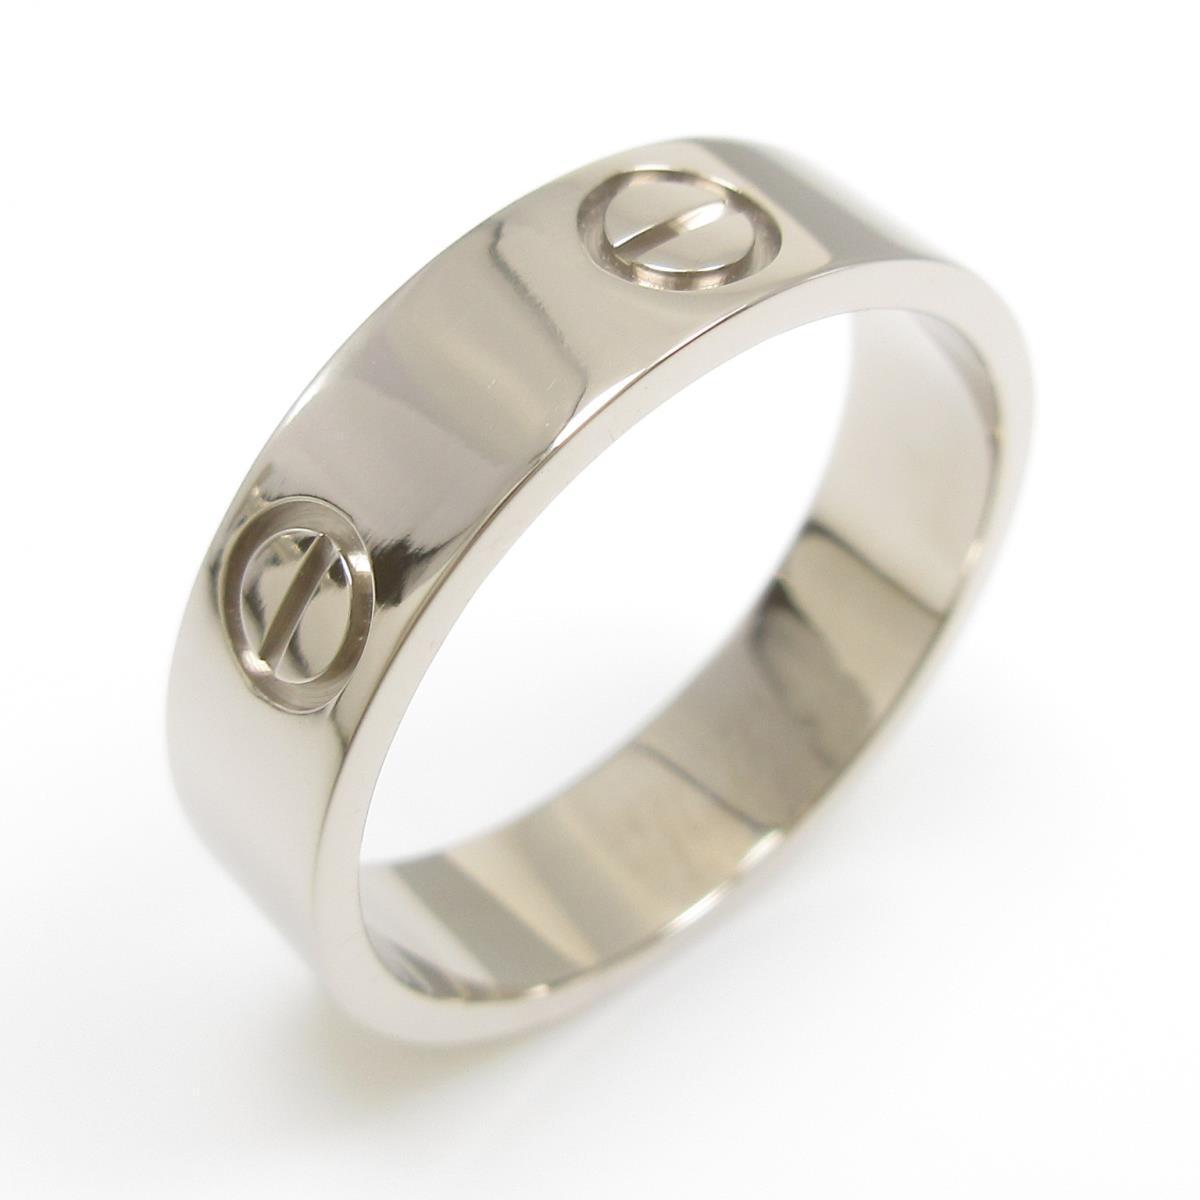 リング K18WG 15号 ダイヤ1.56ct 新品仕上げ 12.6ミリ パール 中古 真珠 指輪